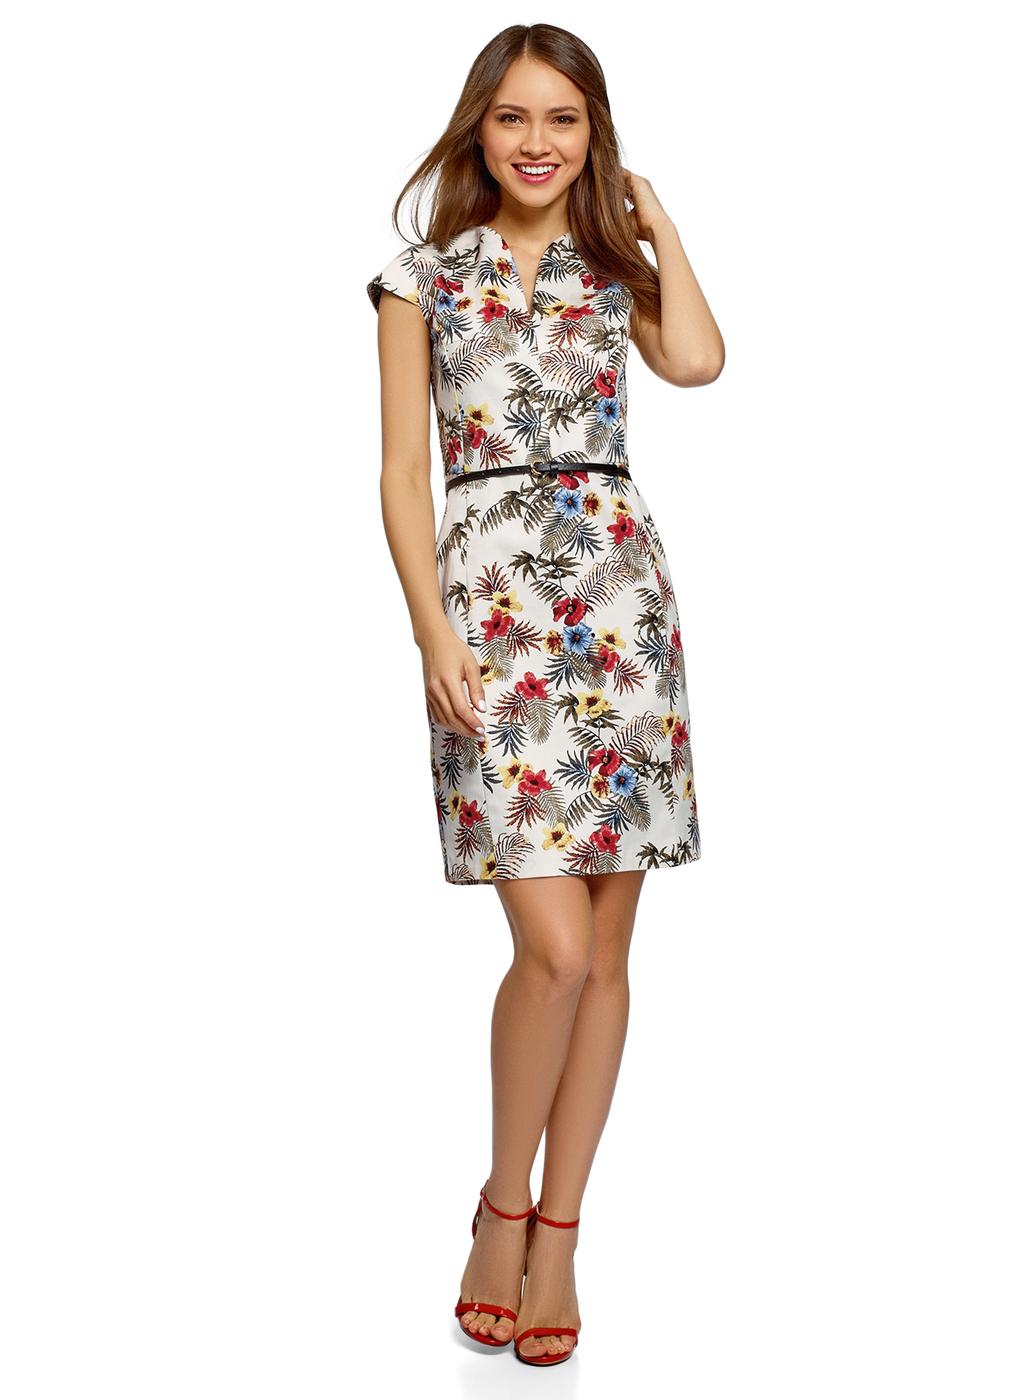 Озон Интернет Магазин Каталог Одежды Женской Платья